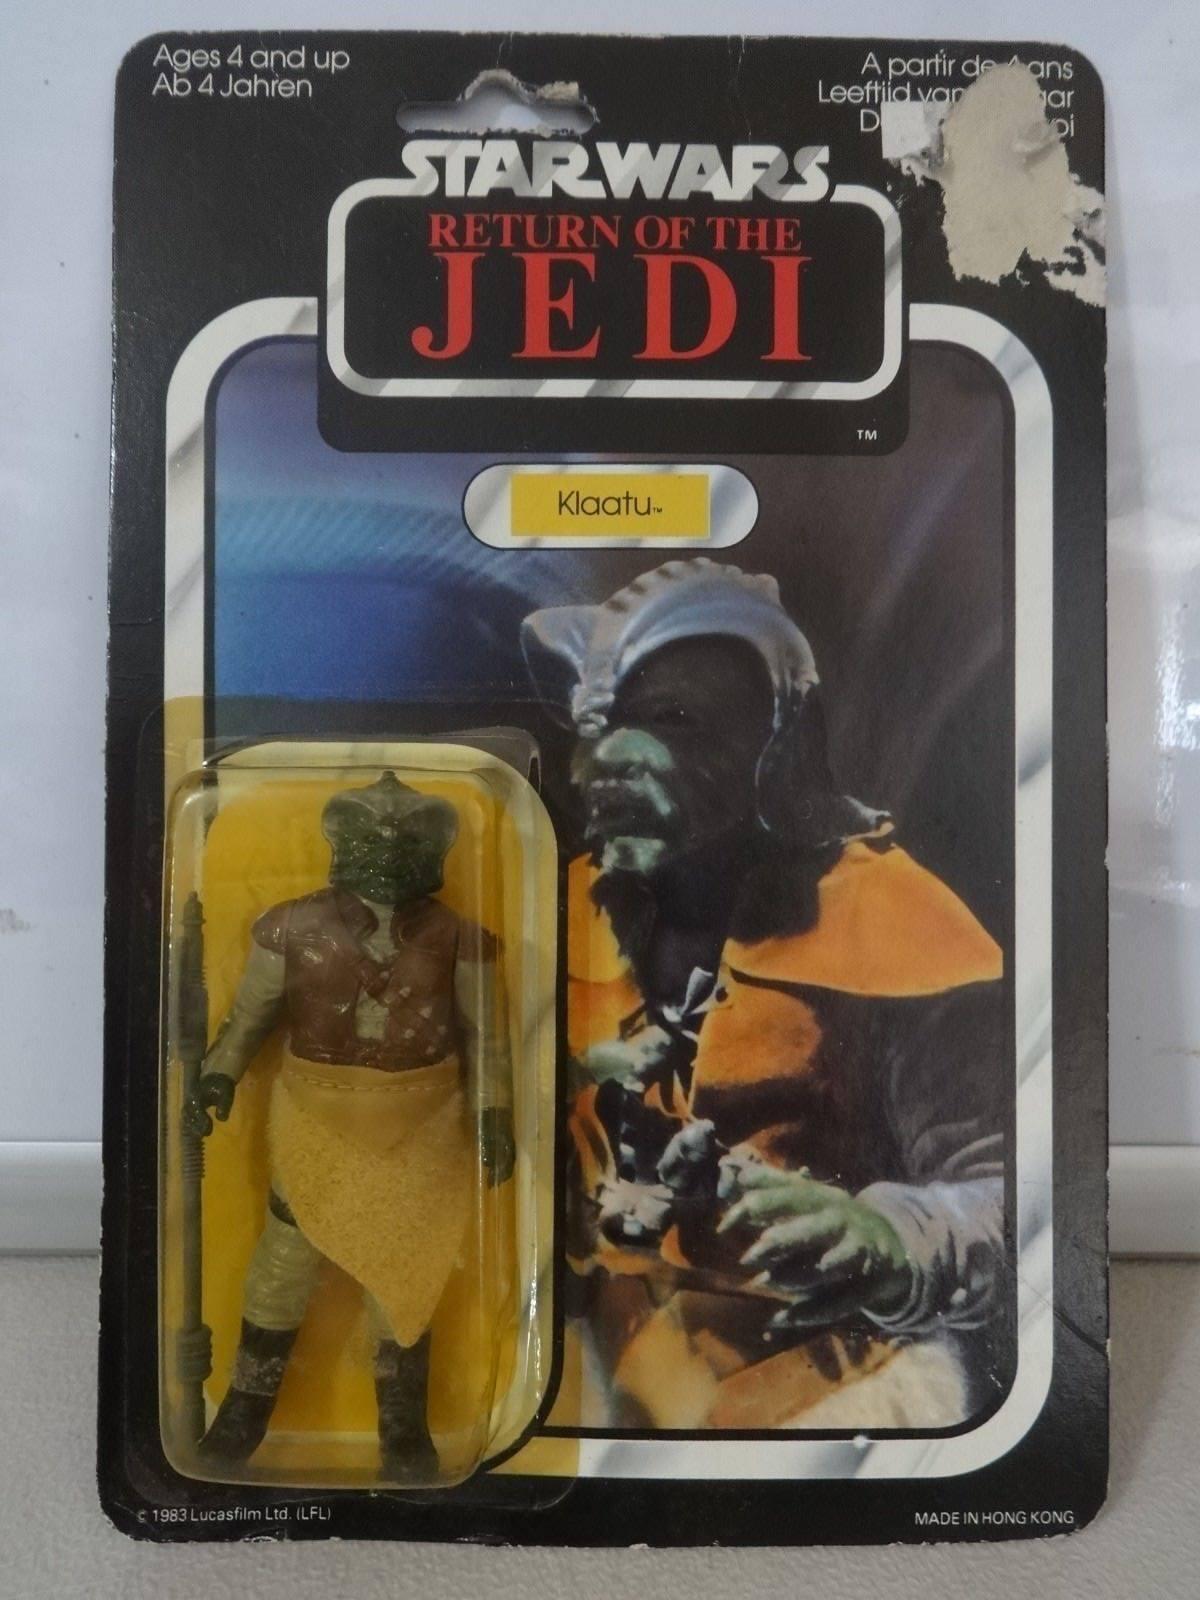 Vintage Star Wars 1983 LE RETOUR DU JEDI Klaatu 65 retour Palitoy nunb offre Comme neuf on Card